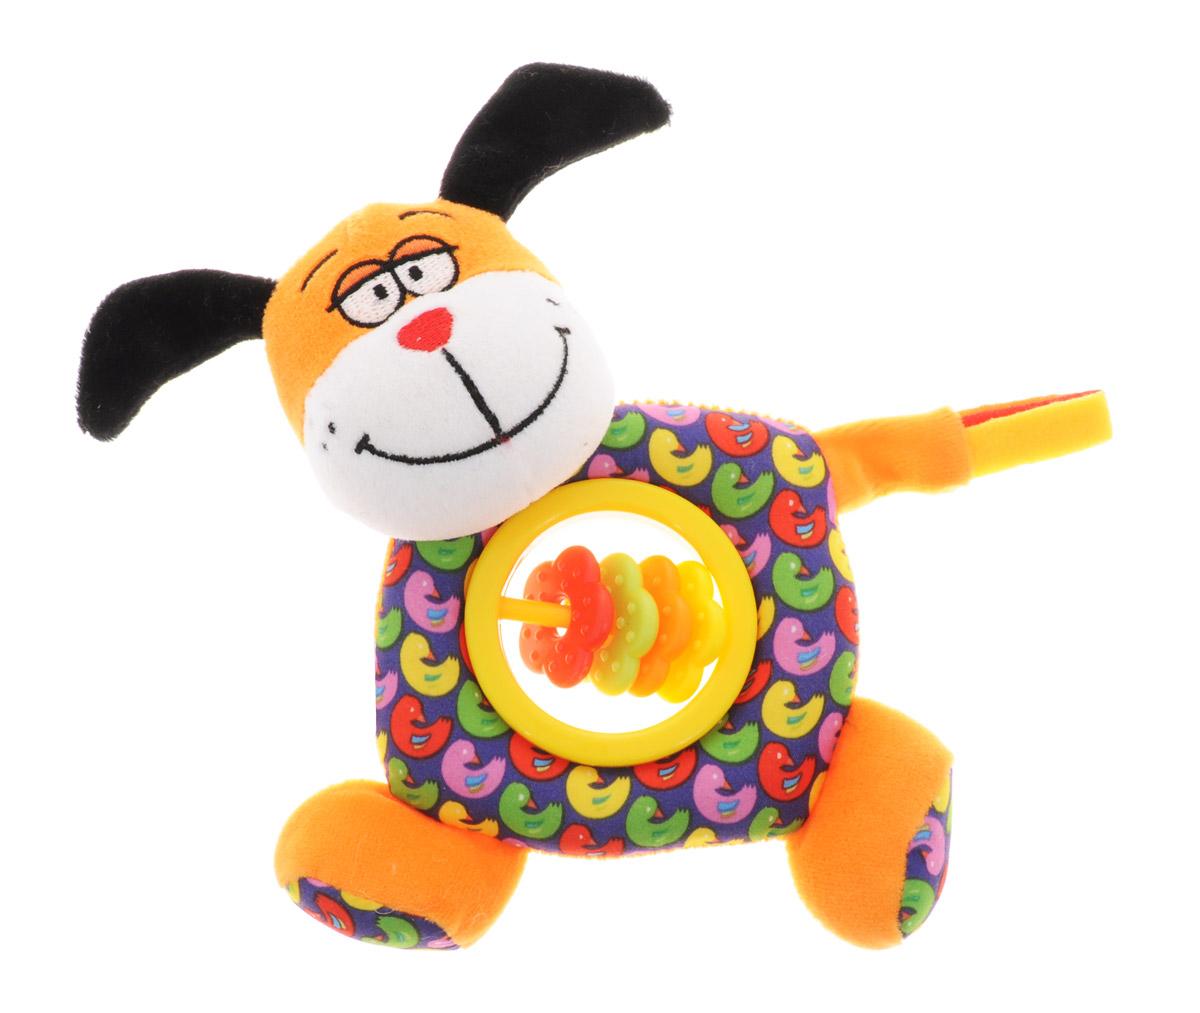 Bondibon Мягкая игрушка-погремушка Собака-пищалка цвет оранжевый синийВВ1300_собакаМягкая игрушка-погремушка Собака-пищалка не оставит вашего малыша равнодушным и не позволит ему скучать. Игрушка выполнена из высококачественных текстильных материалов и мягкого наполнителя. Внутри ушек спрятаны шуршащие элементы. В теле игрушки имеется пластиковое кольцо с яркими цветочками на перекладине. Собачка всегда успокоит вашего малыша, а приятный звук погремушки отвлечет от беспокойства. В голове собачки спрятана пищалка. Яркая игрушка формирует тактильные ощущения, восприятие звуков, цветов и форм. В процессе игры развивается мелкая моторика и воображение вашего ребенка.